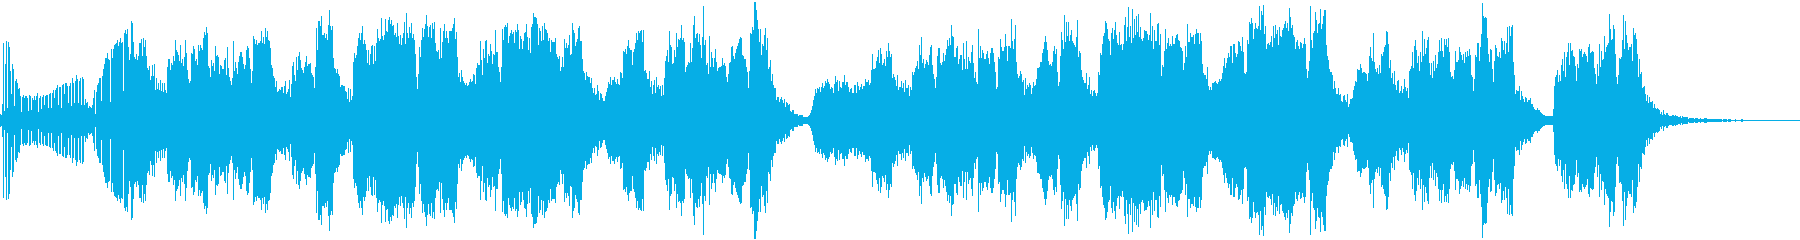 ちんどん屋風明るいジングルの再生済みの波形